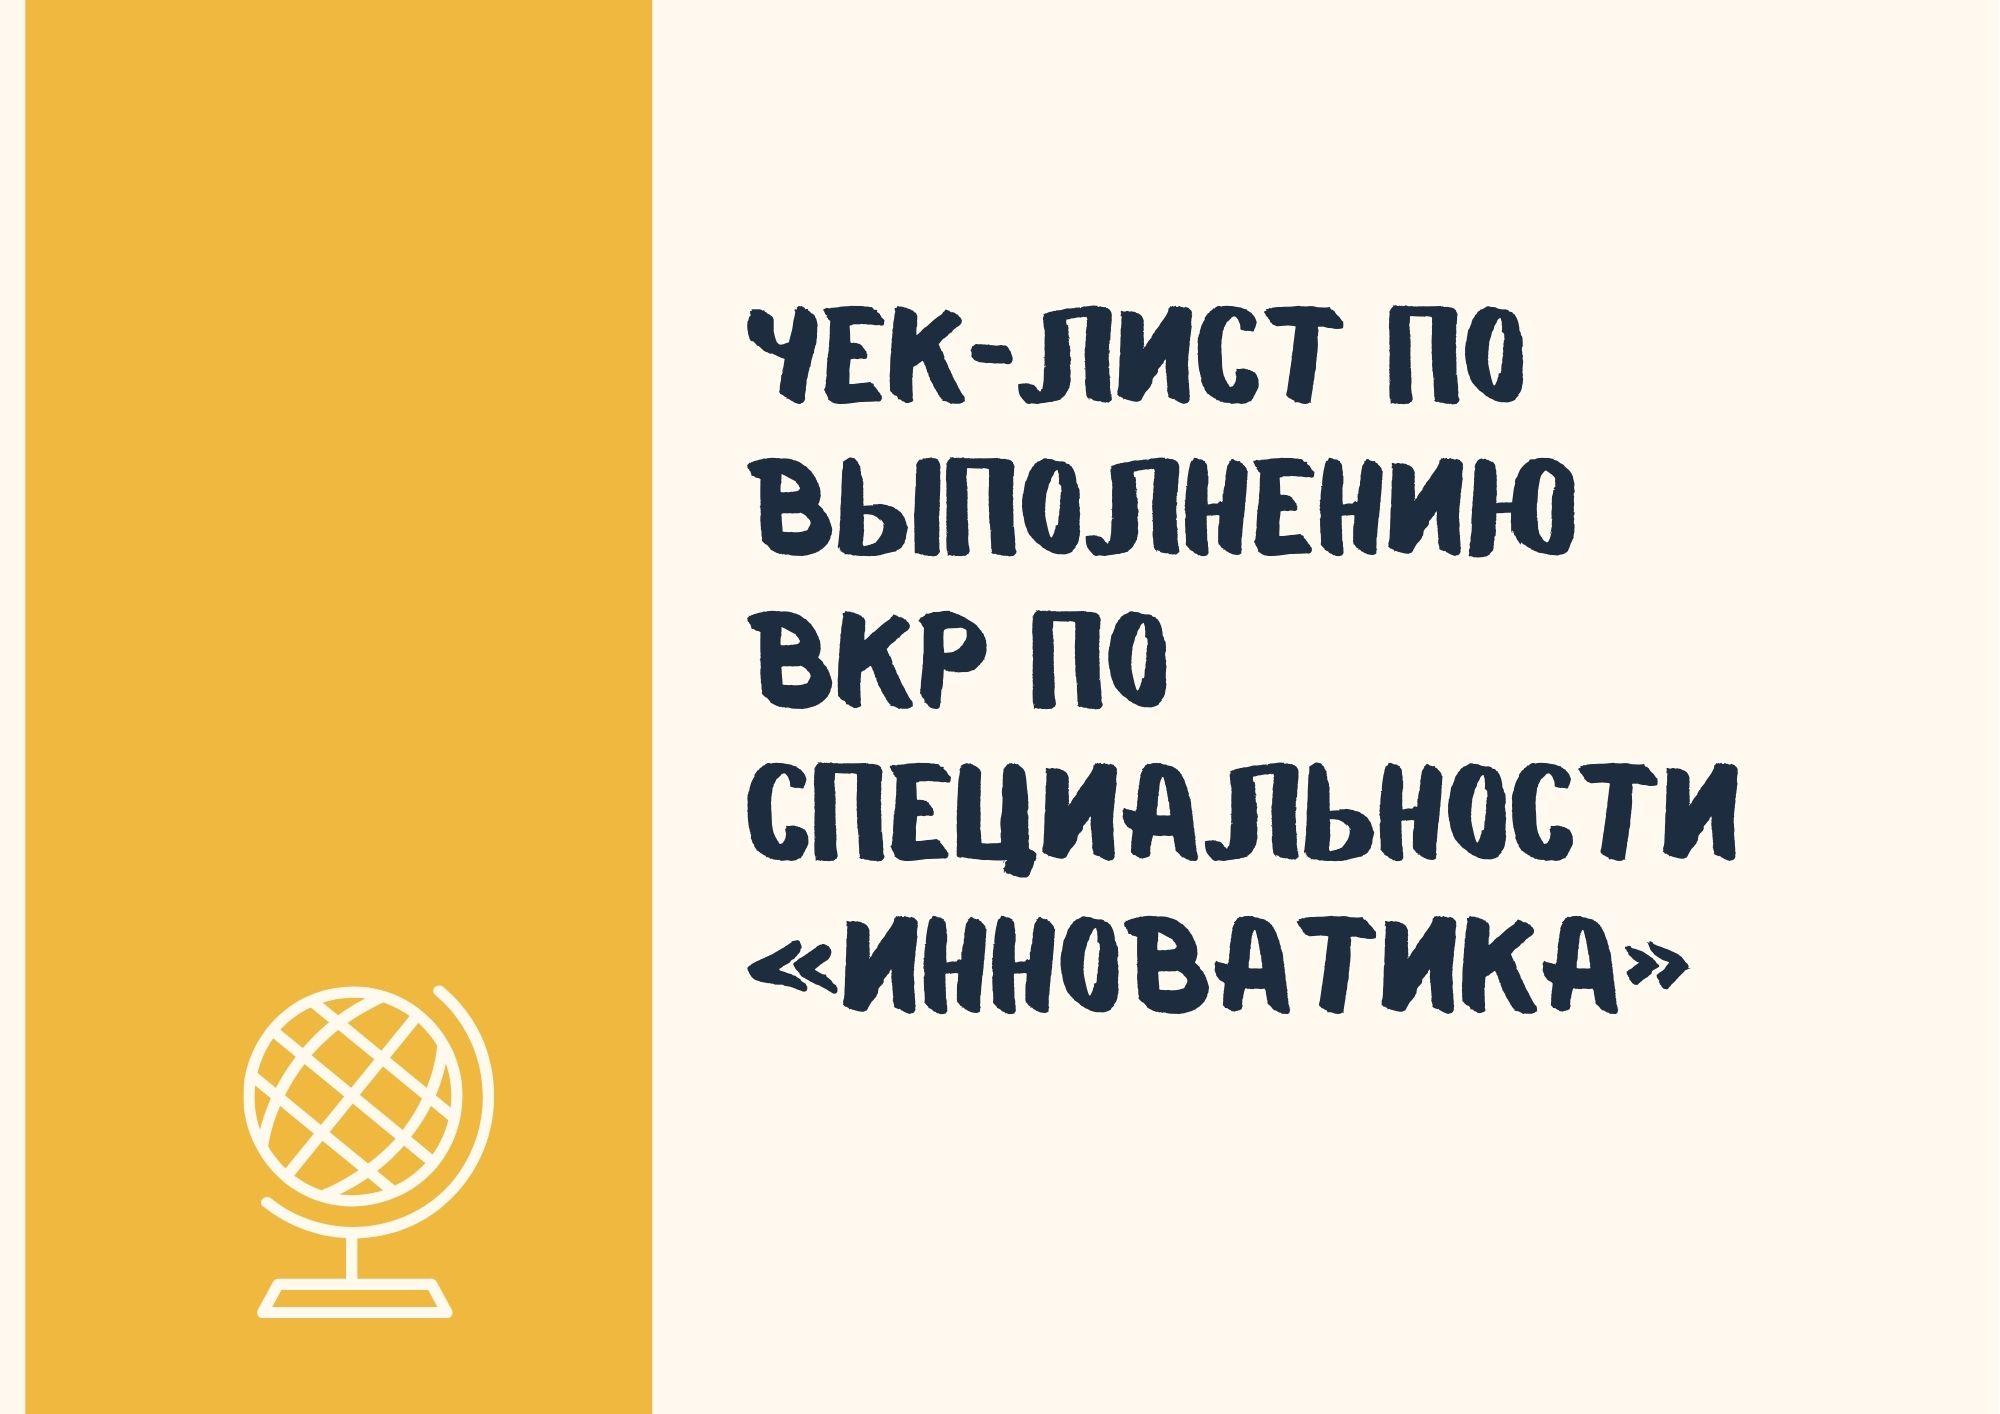 Чек-лист по выполнению ВКР по специальности «Инноватике»